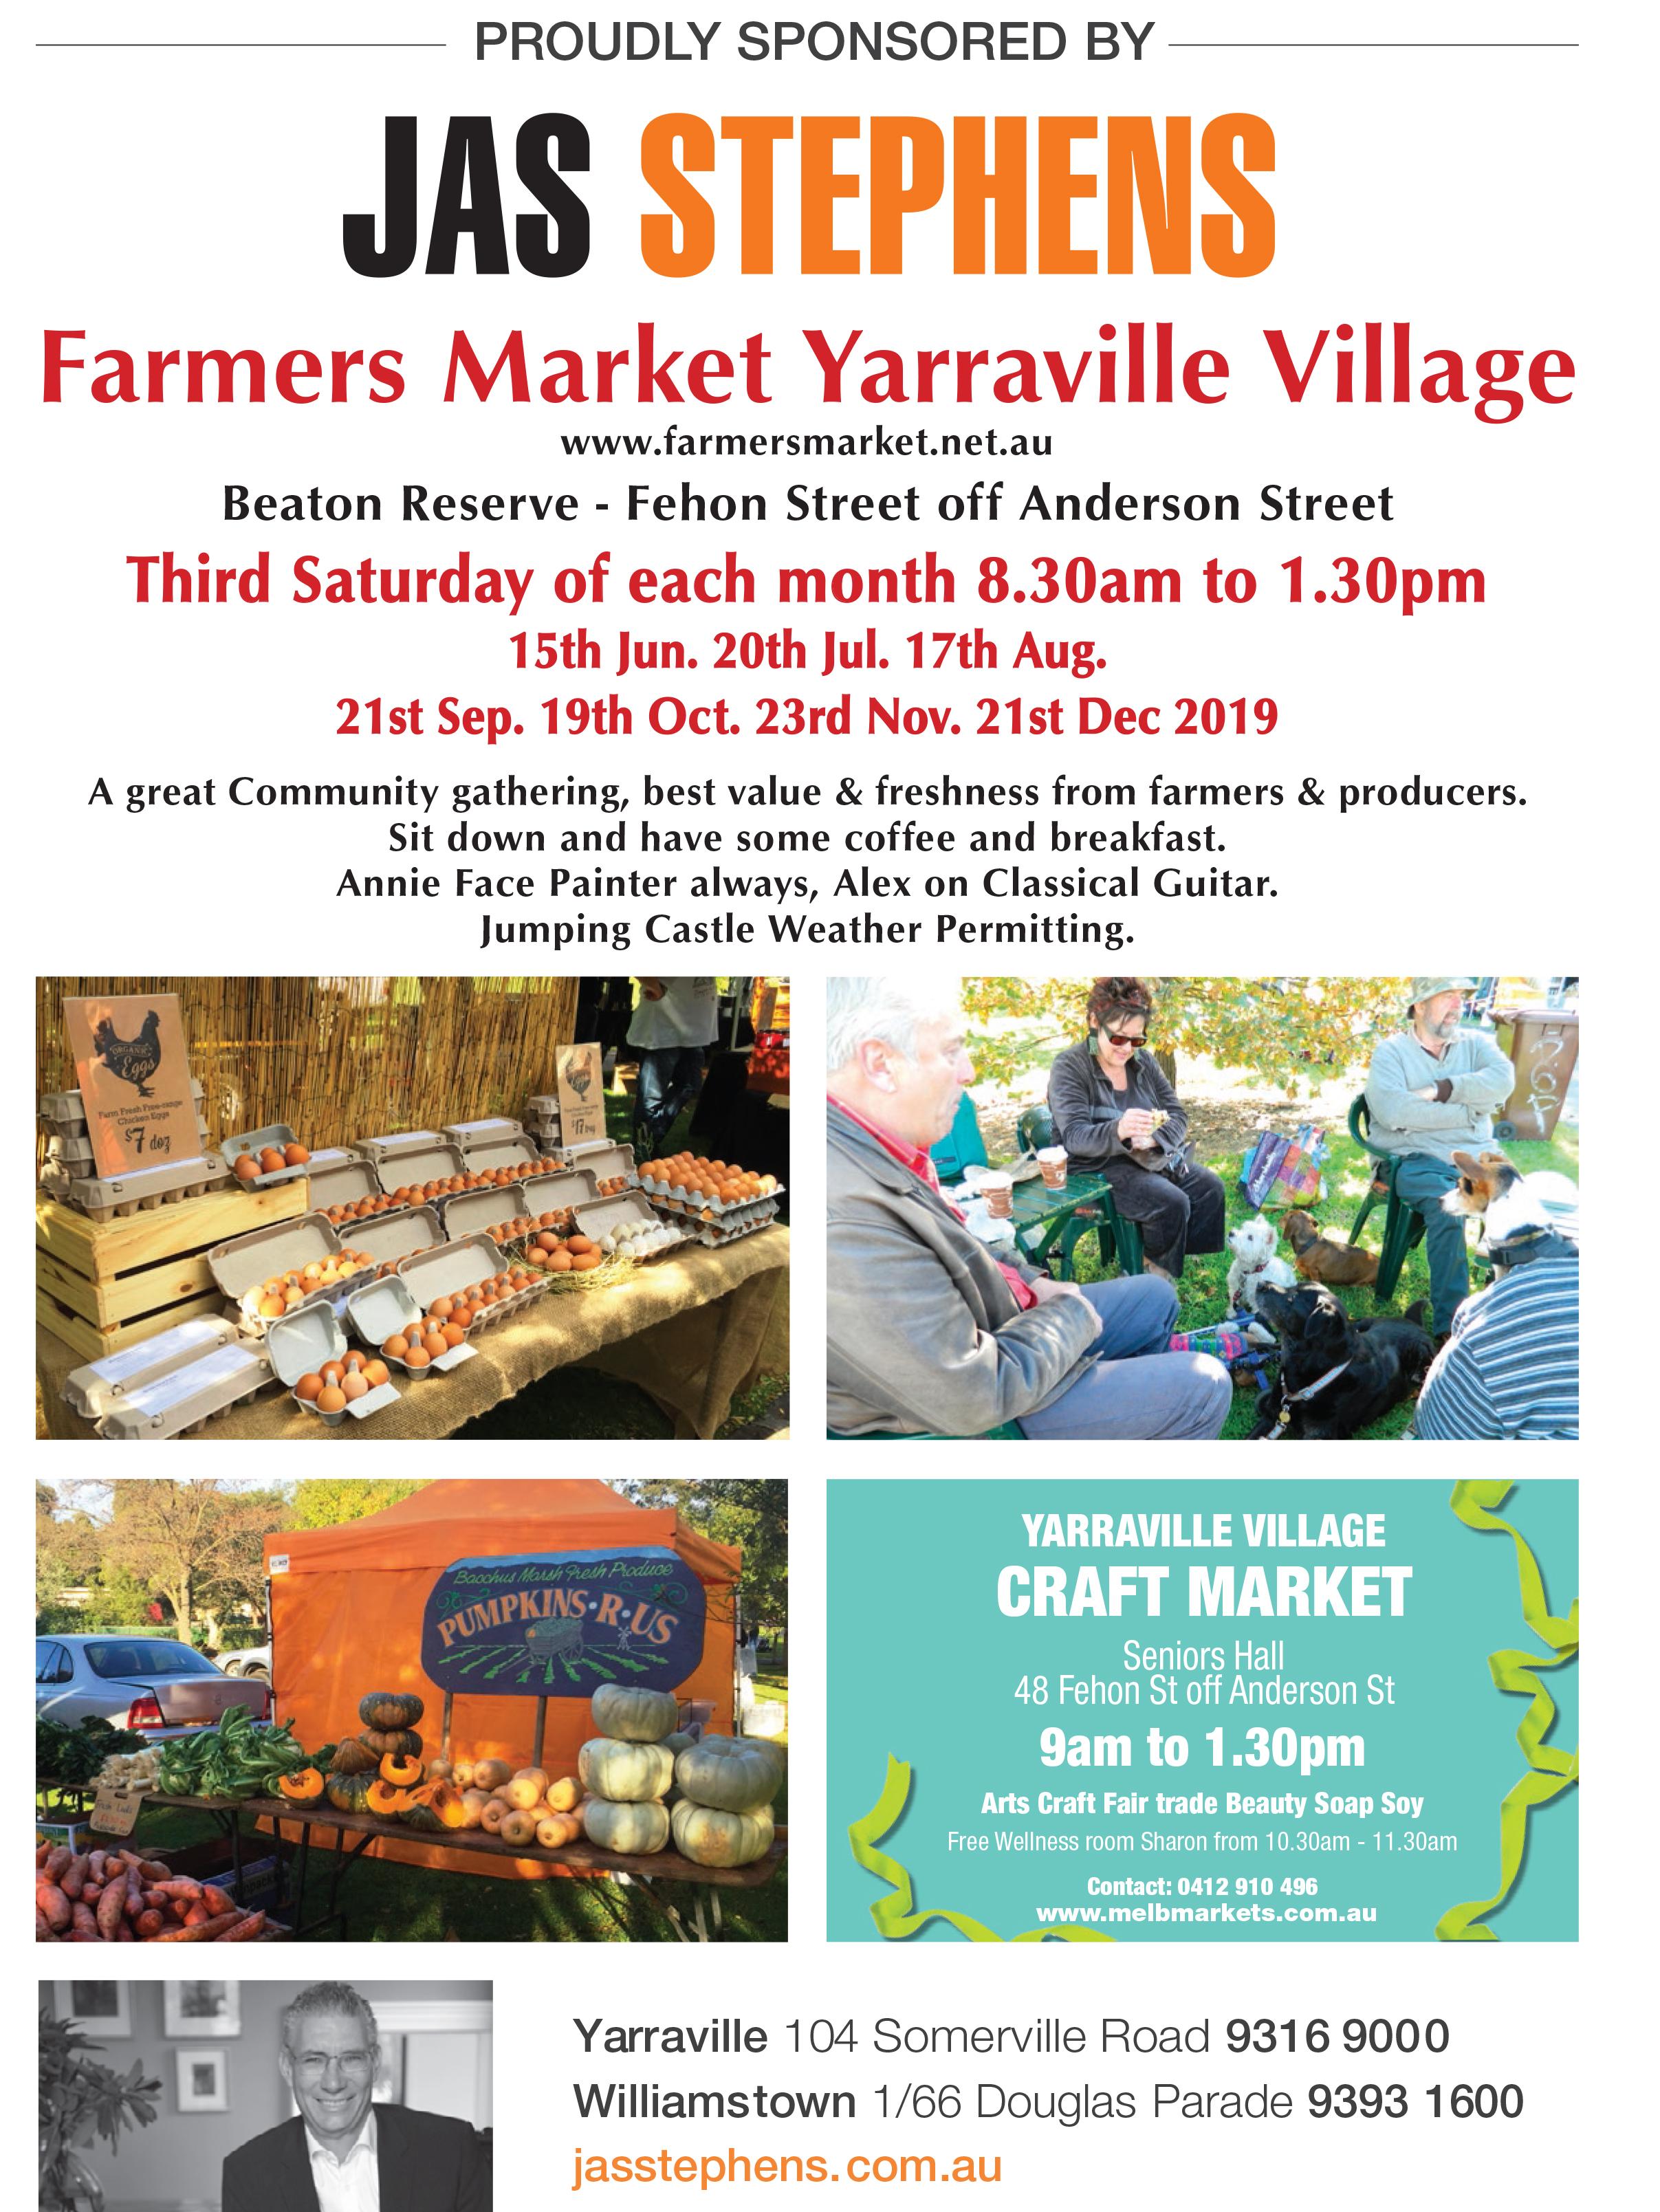 Yarraville Village Farmers' Market